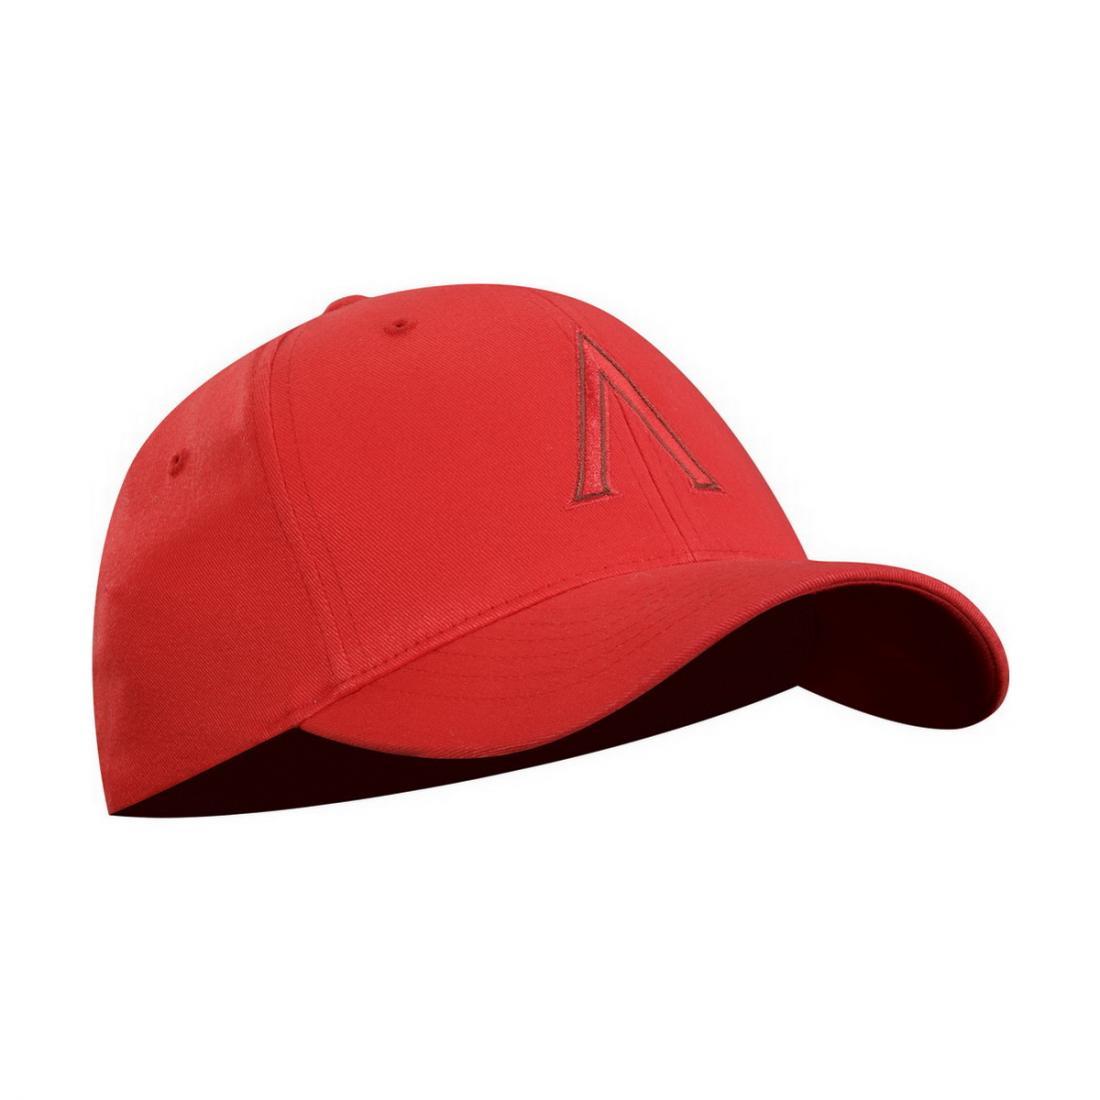 Бейсболка Big A CapБейсболки<br><br><br>Цвет: Красный<br>Размер: S-M